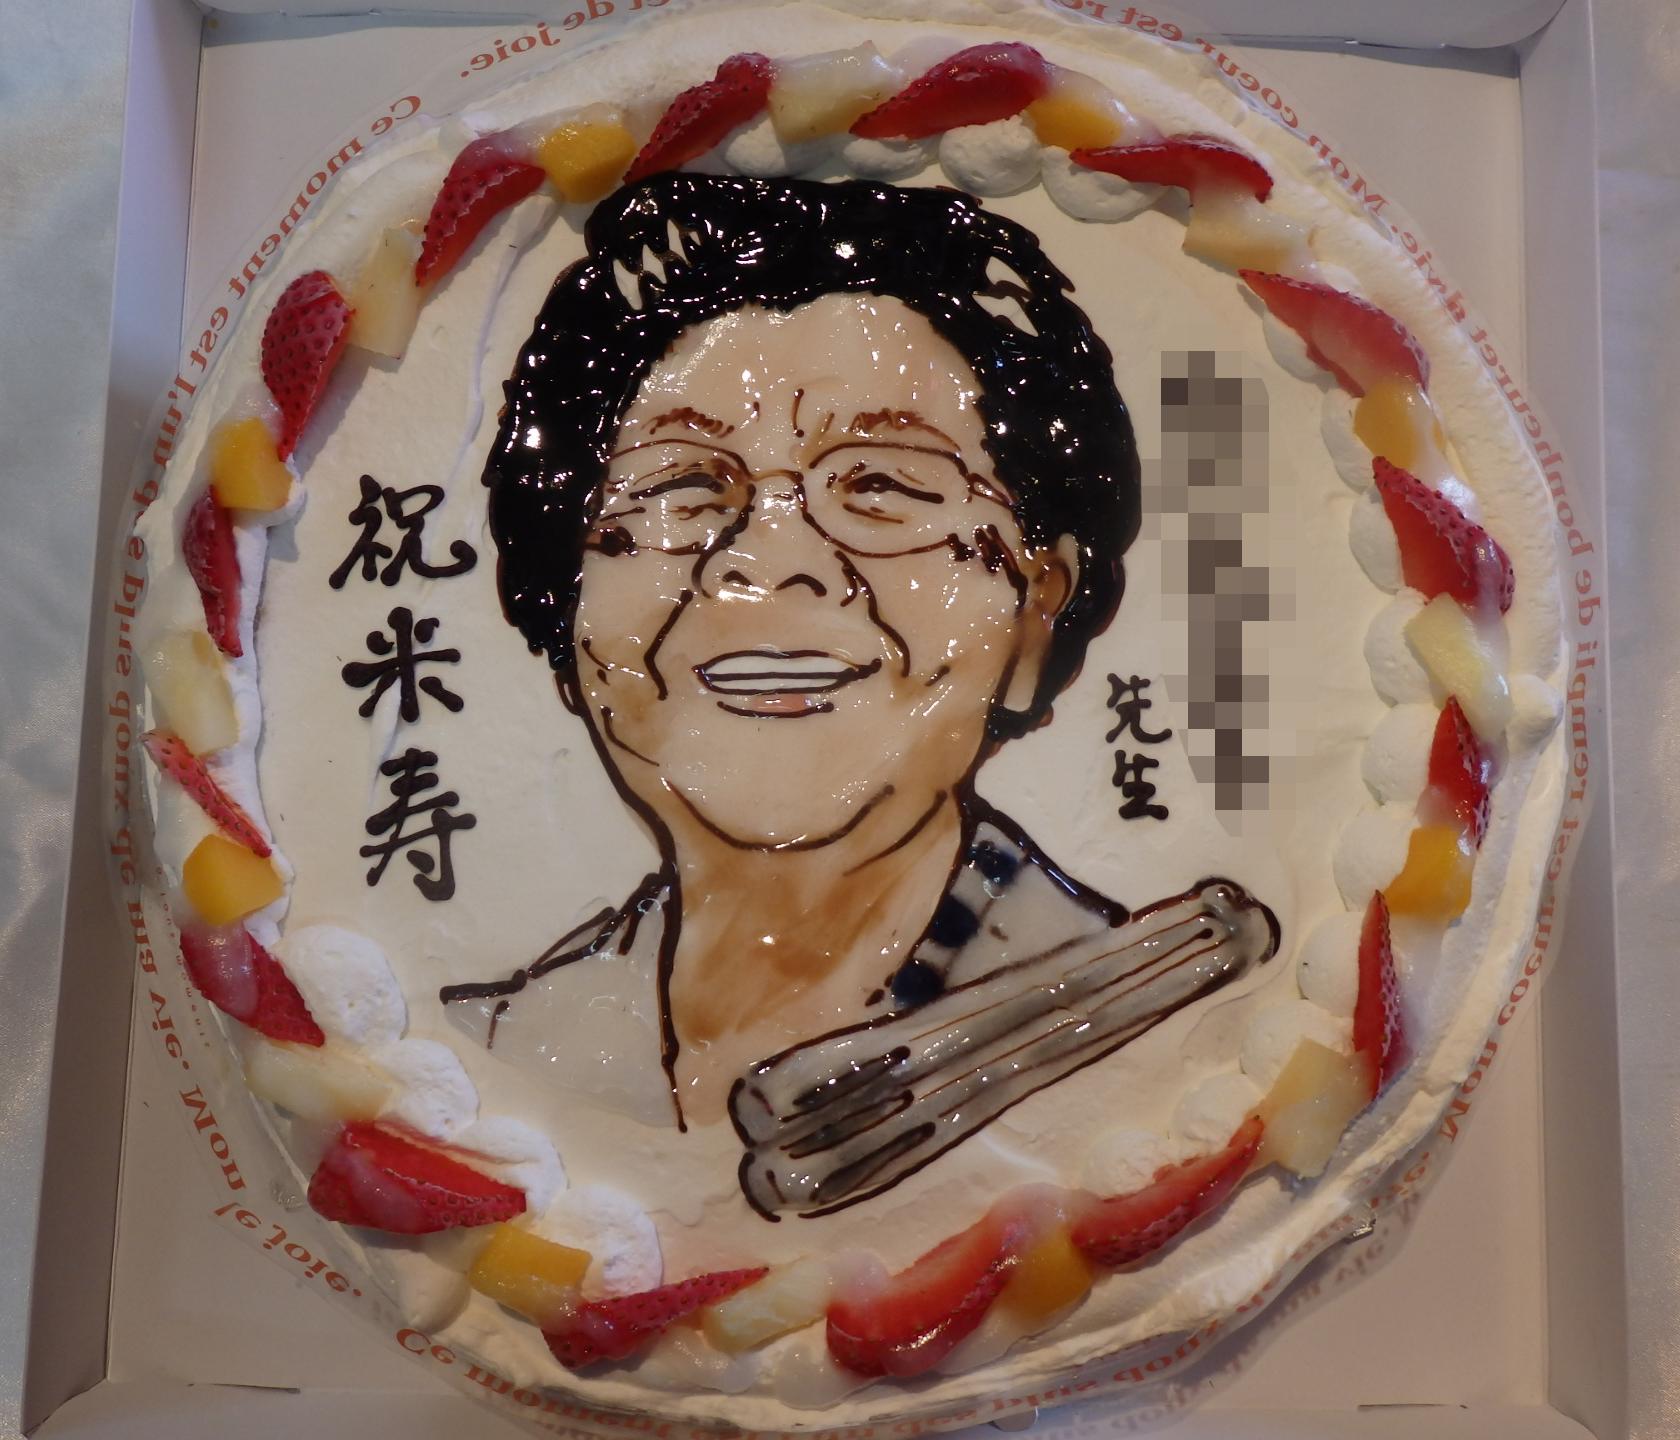 似顔絵ケーキ 10号 30cmの画像8枚目